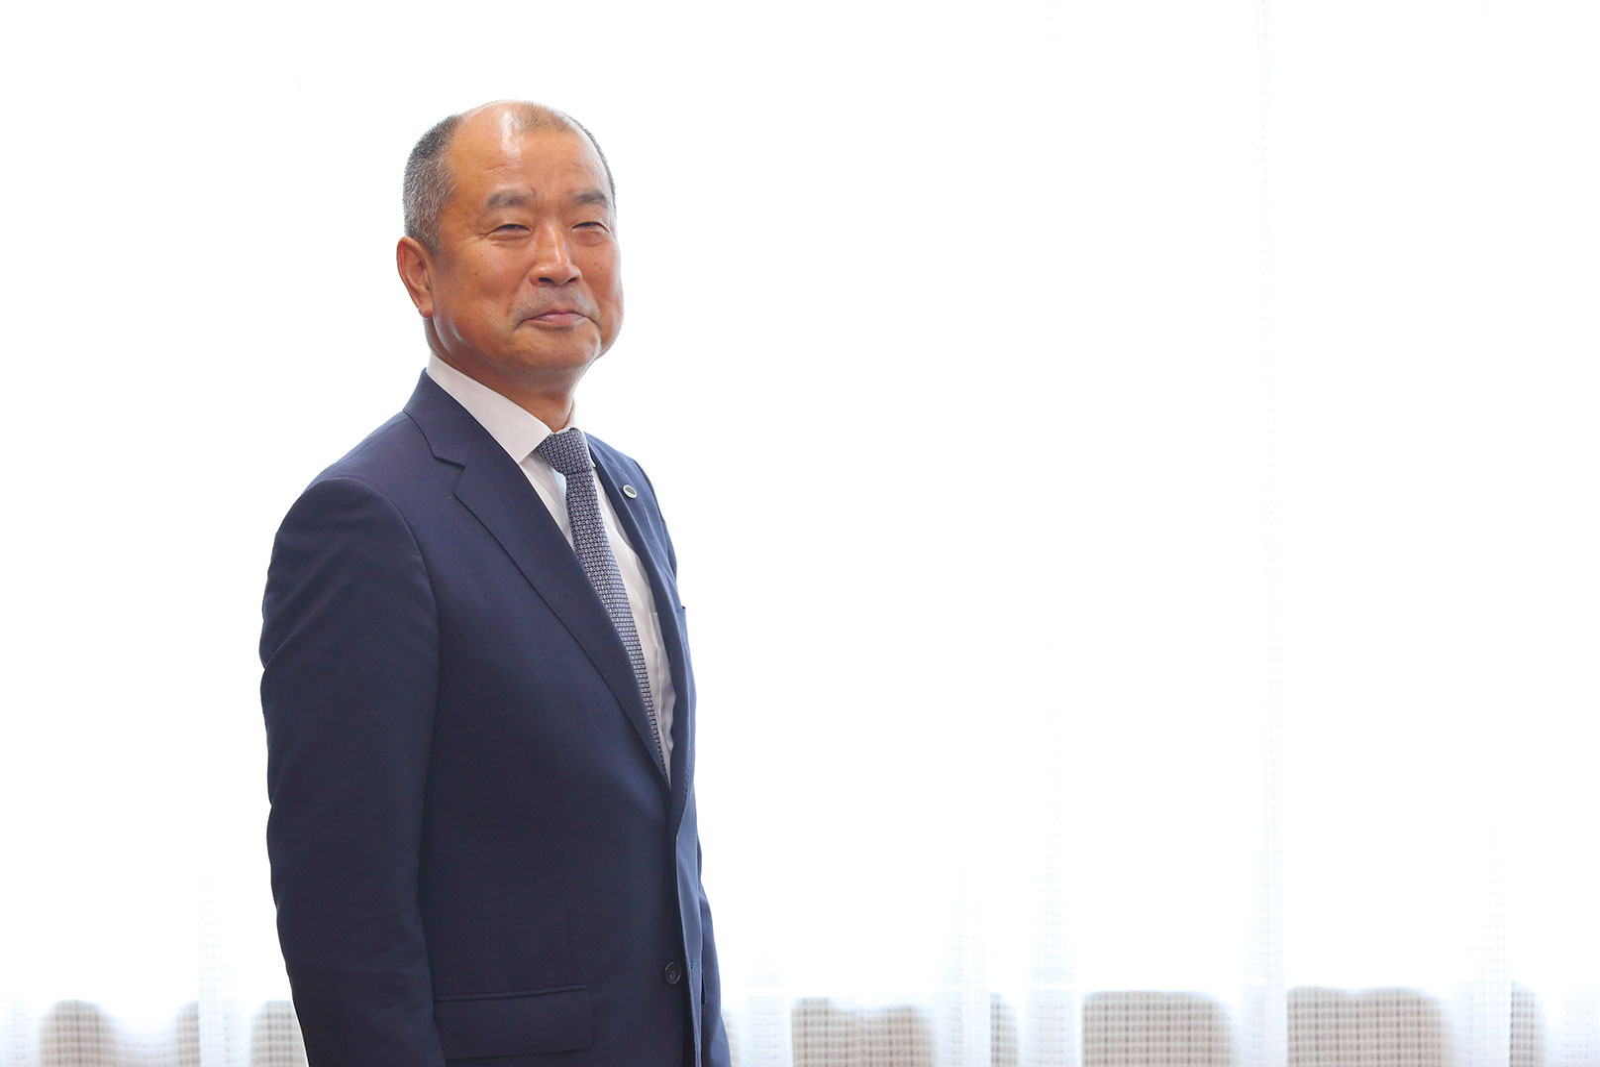 代表取締役社長 長瀬 有三